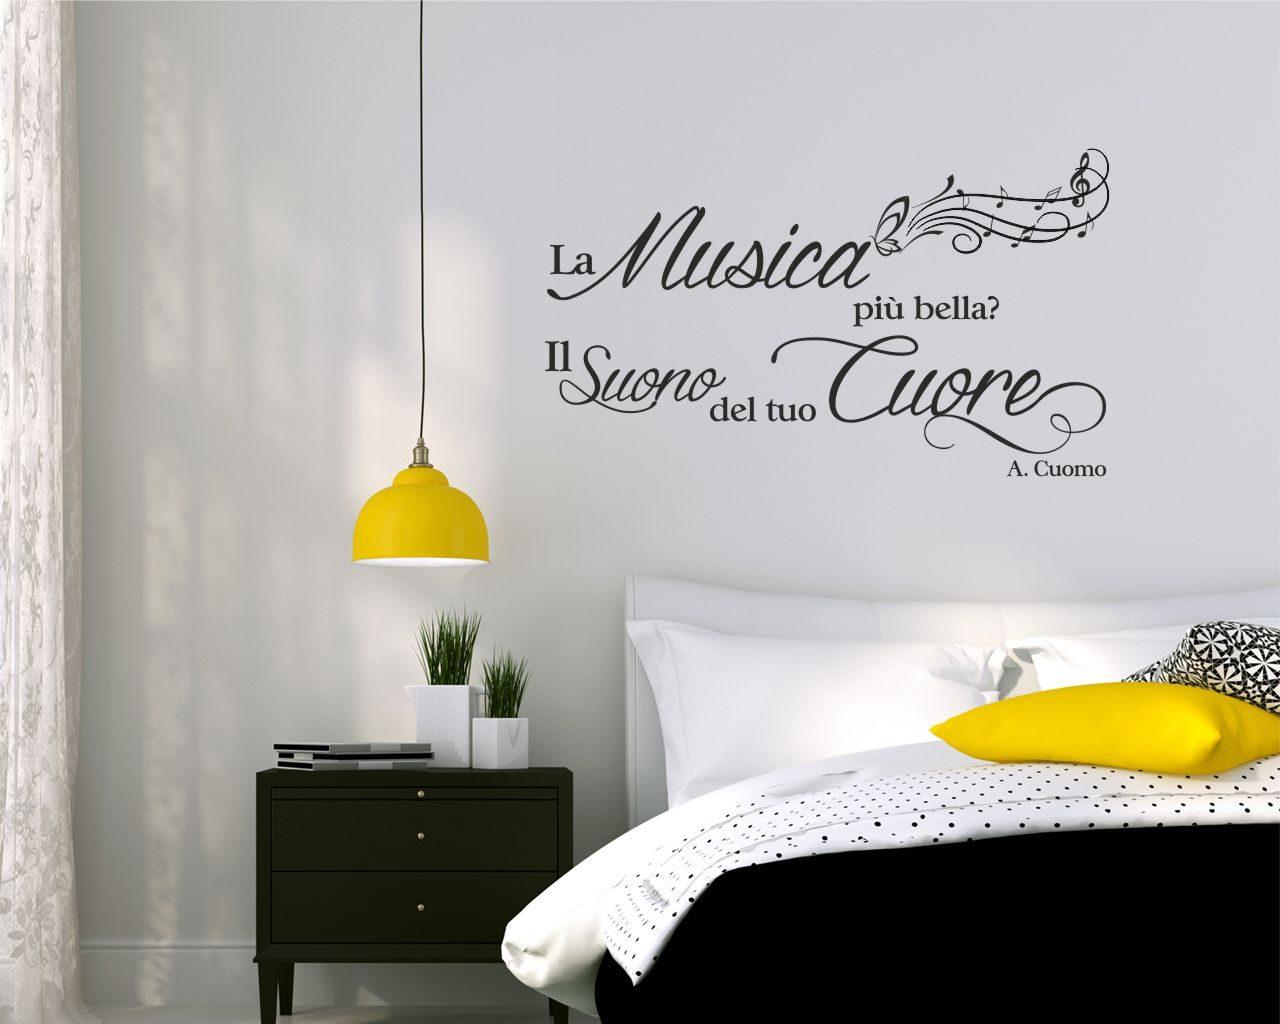 Il suono del tuo cuore frasi aforismi citazioni adesivo murale - Frasi piccanti da dire a letto ...